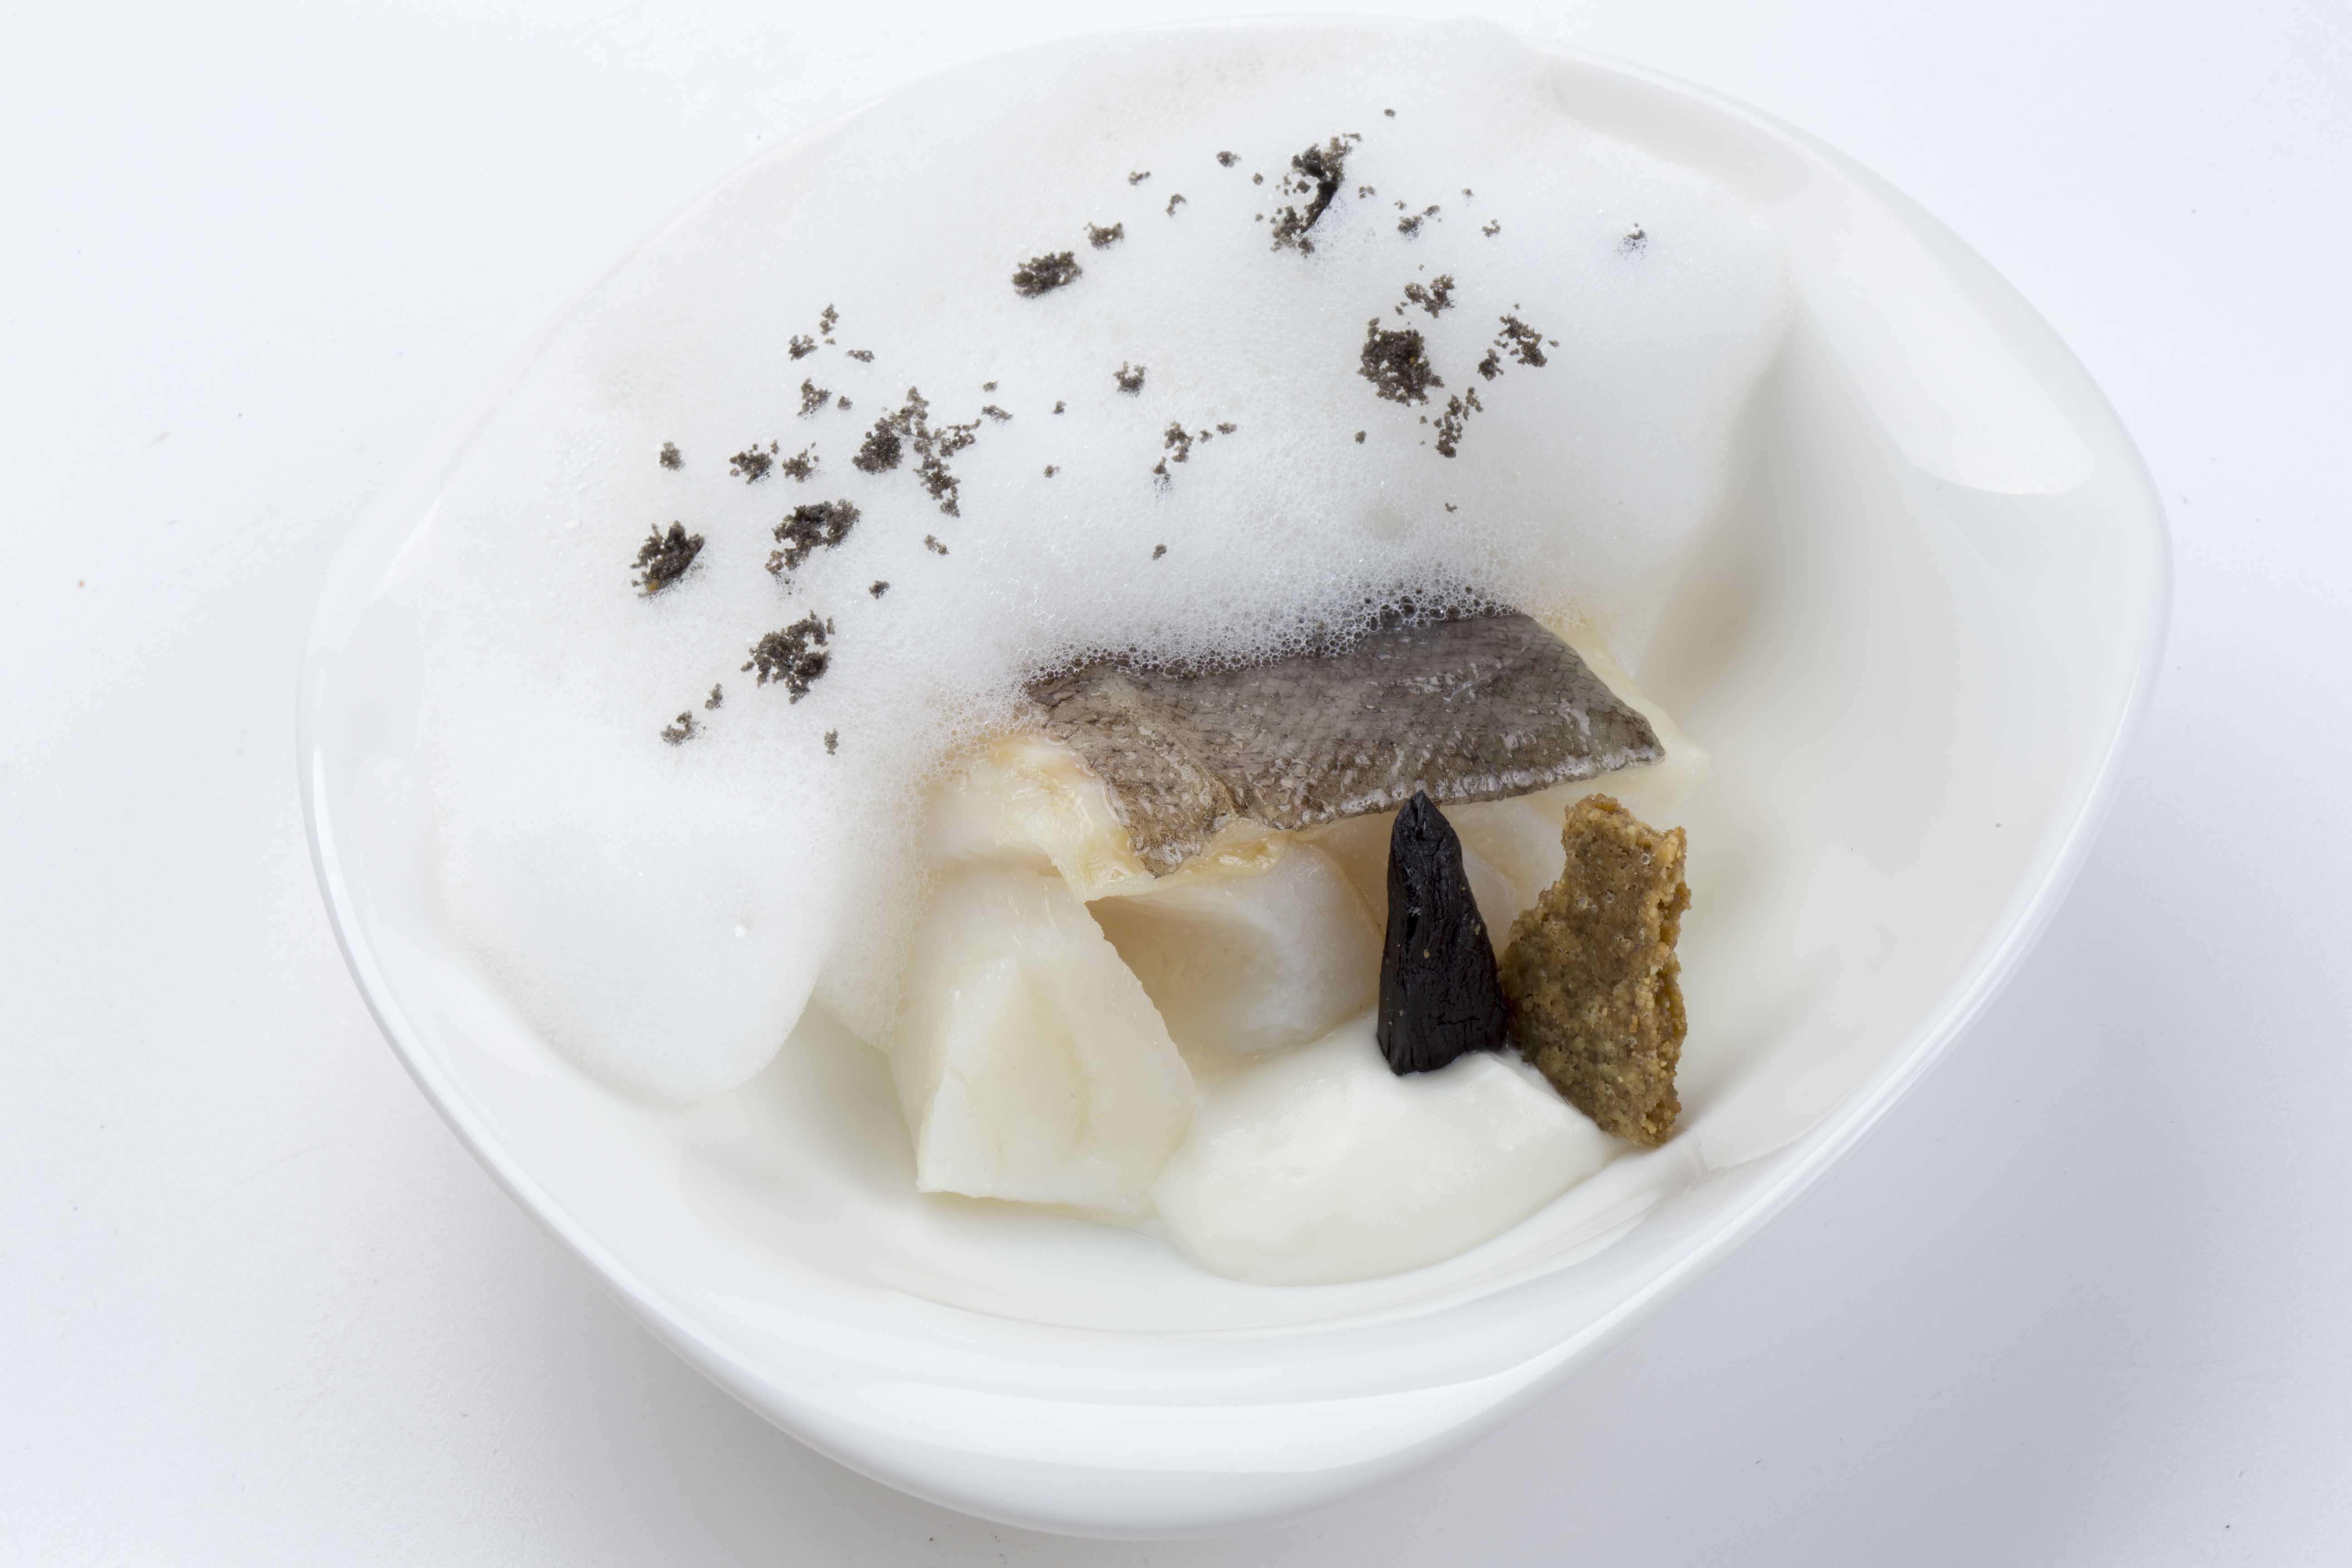 Bacalao blanco y negro, receta de Marcos Morán